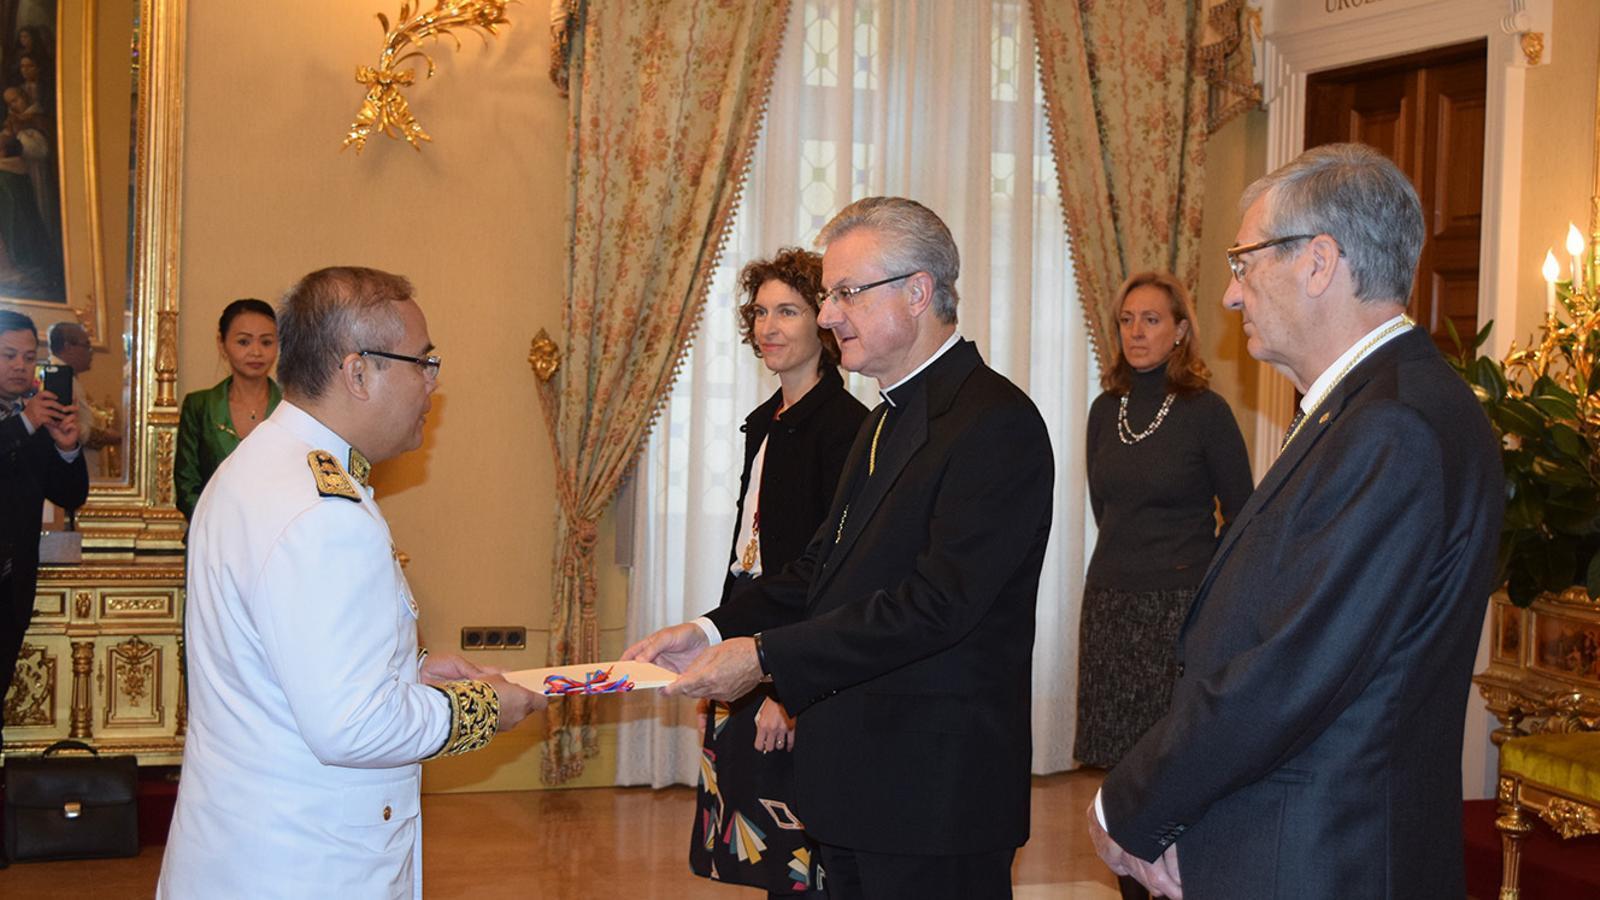 La recepció al Palau Episcopal. / BISBAT D'URGELL